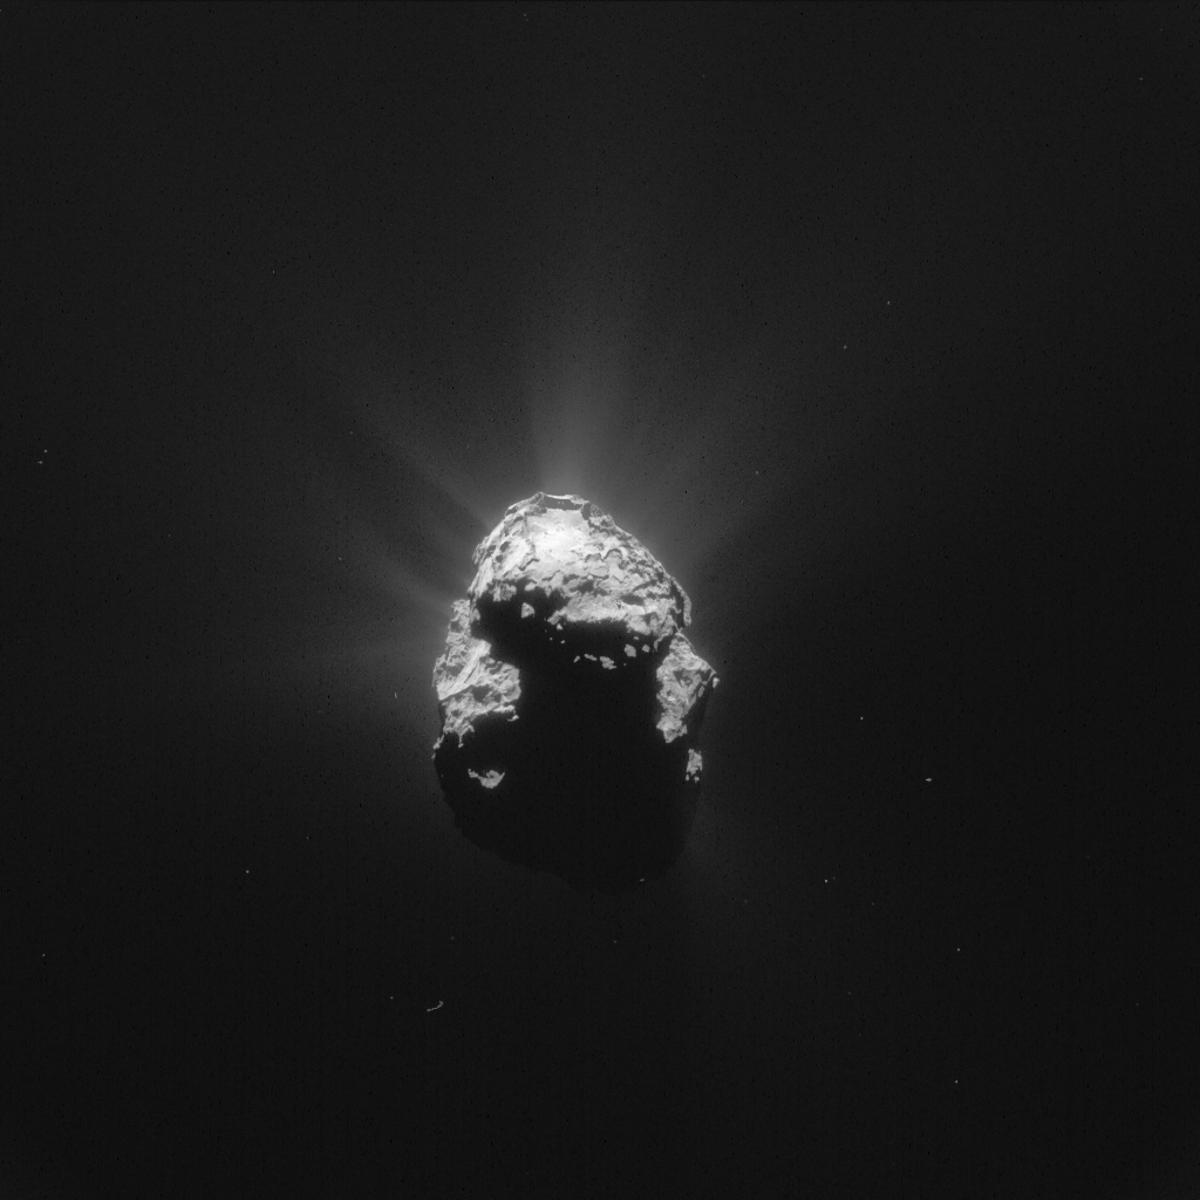 67P as taken by Rosetta's NavCam on the July 10